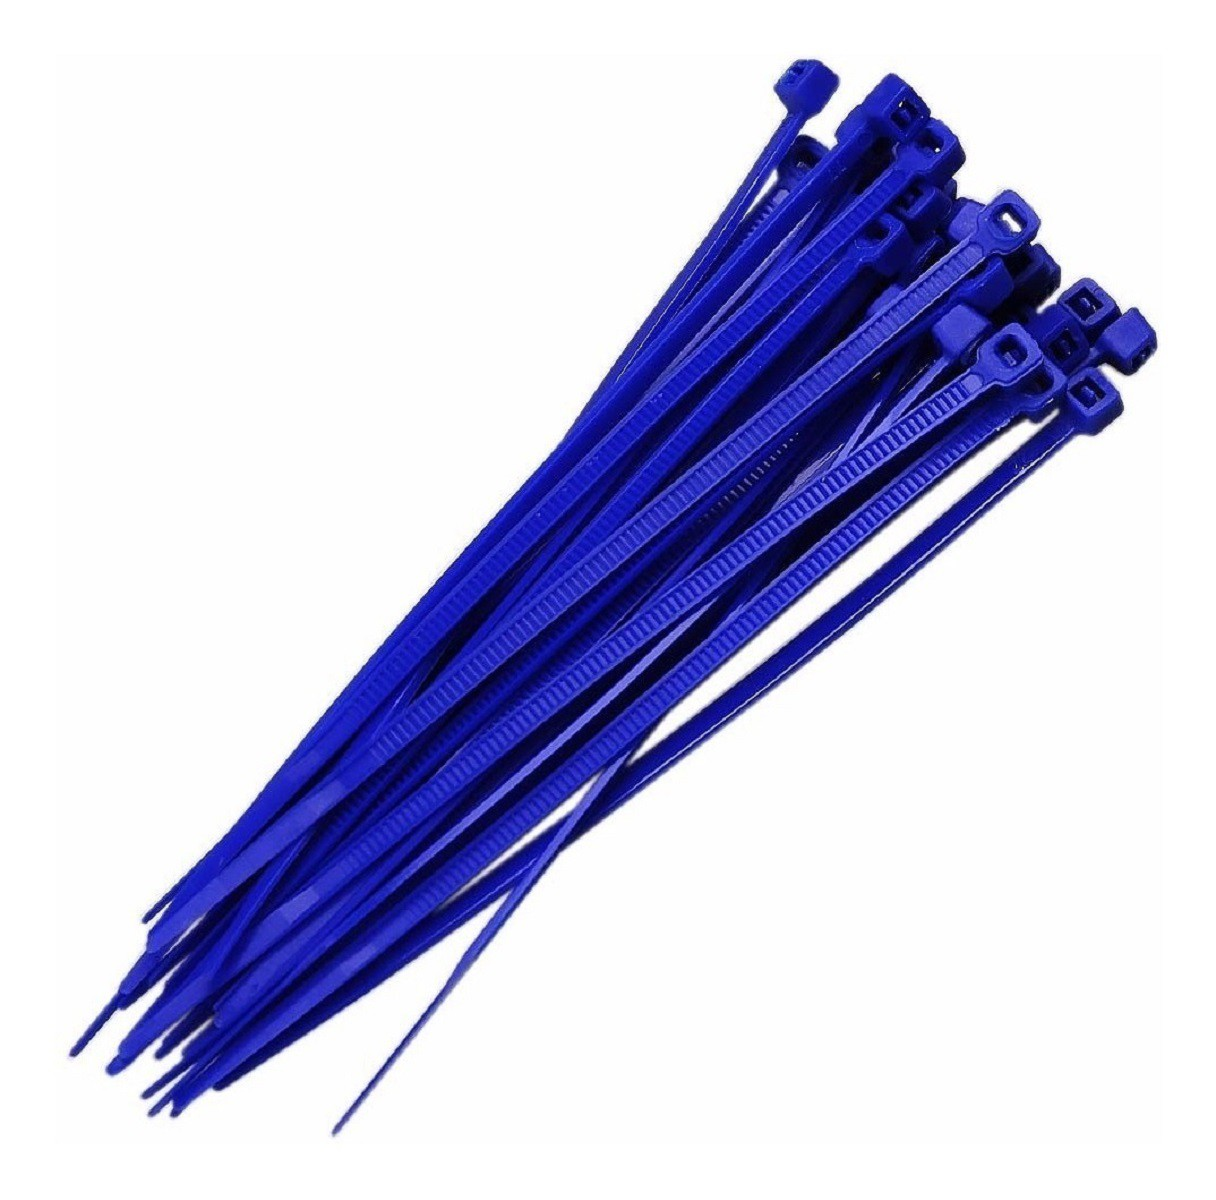 Abraçadeira Nylon Azul 100 Unidades 2,5 X 200 mm  - Rea Comércio - Sua Loja Completa!